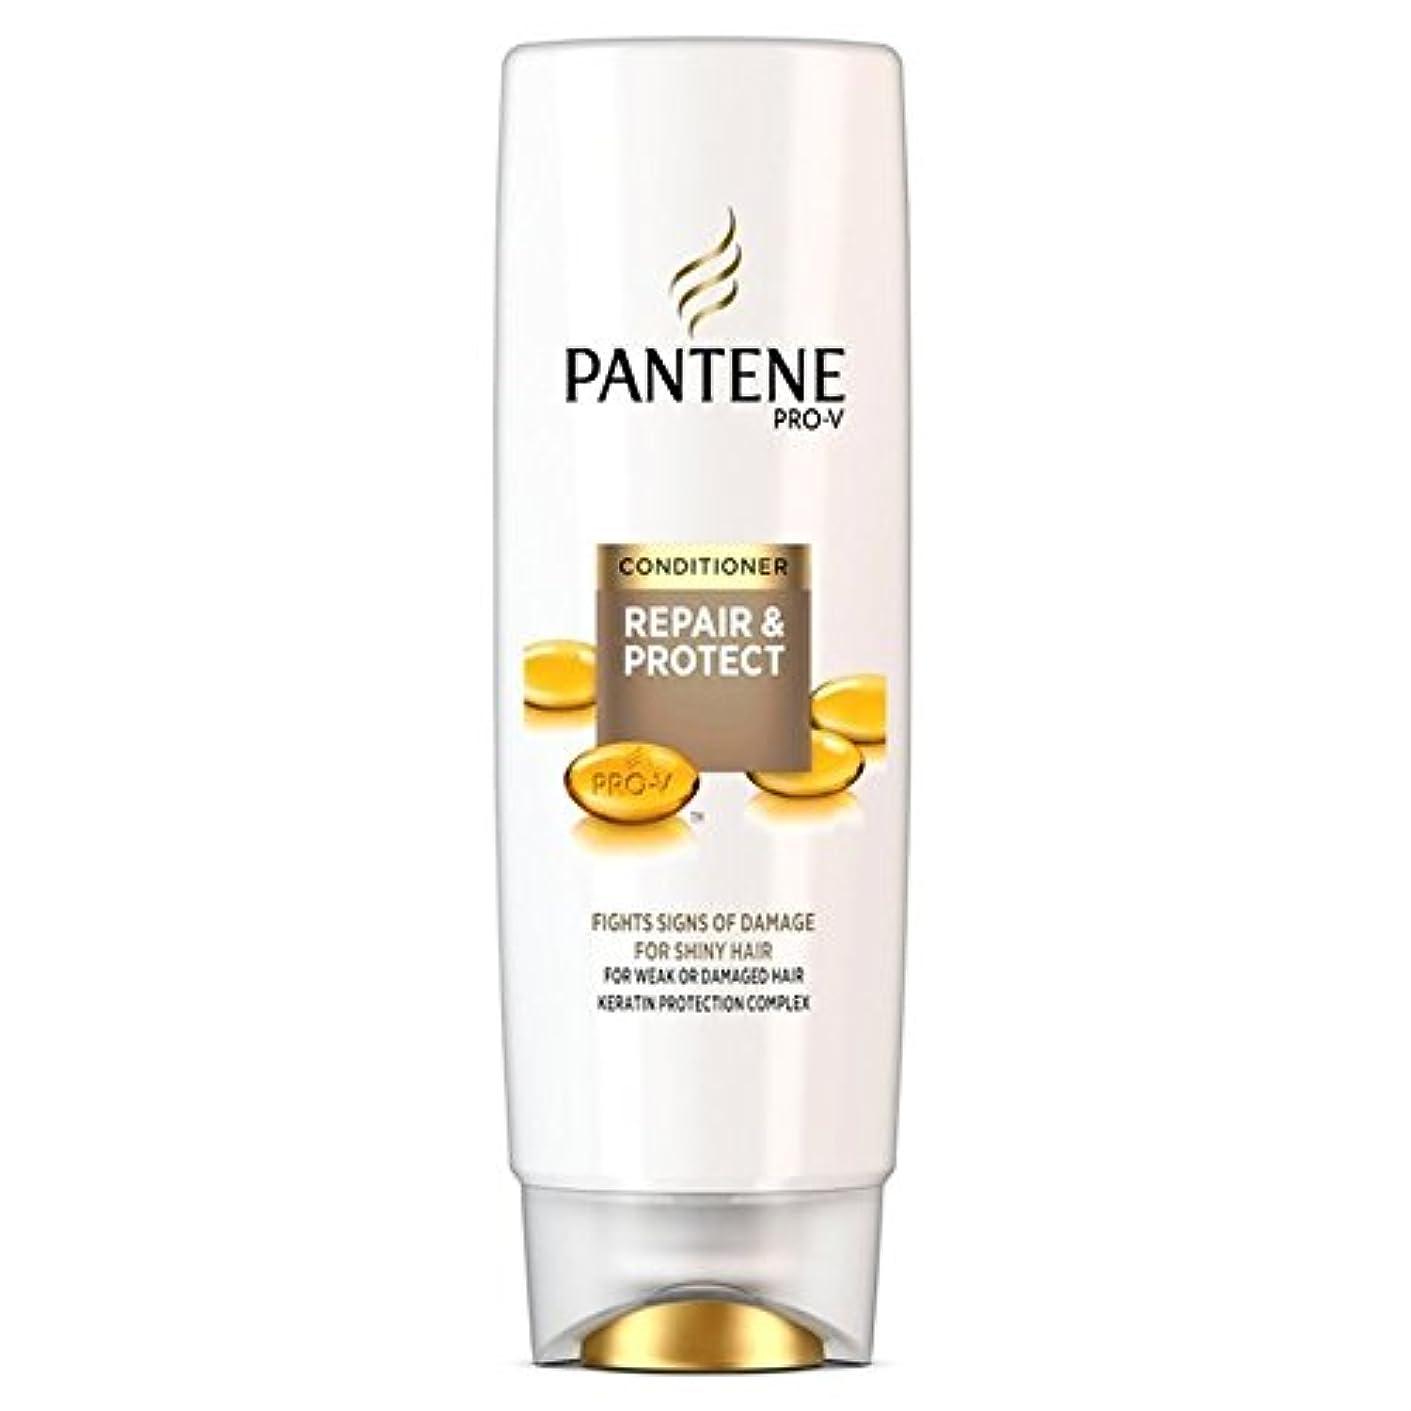 に沿って惑星企業パンテーンコンディショナーの修理&弱いか、傷んだ髪の250ミリリットルのための保護 x2 - Pantene Conditioner Repair & Protect For Weak Or Damaged Hair 250ml (Pack of 2) [並行輸入品]